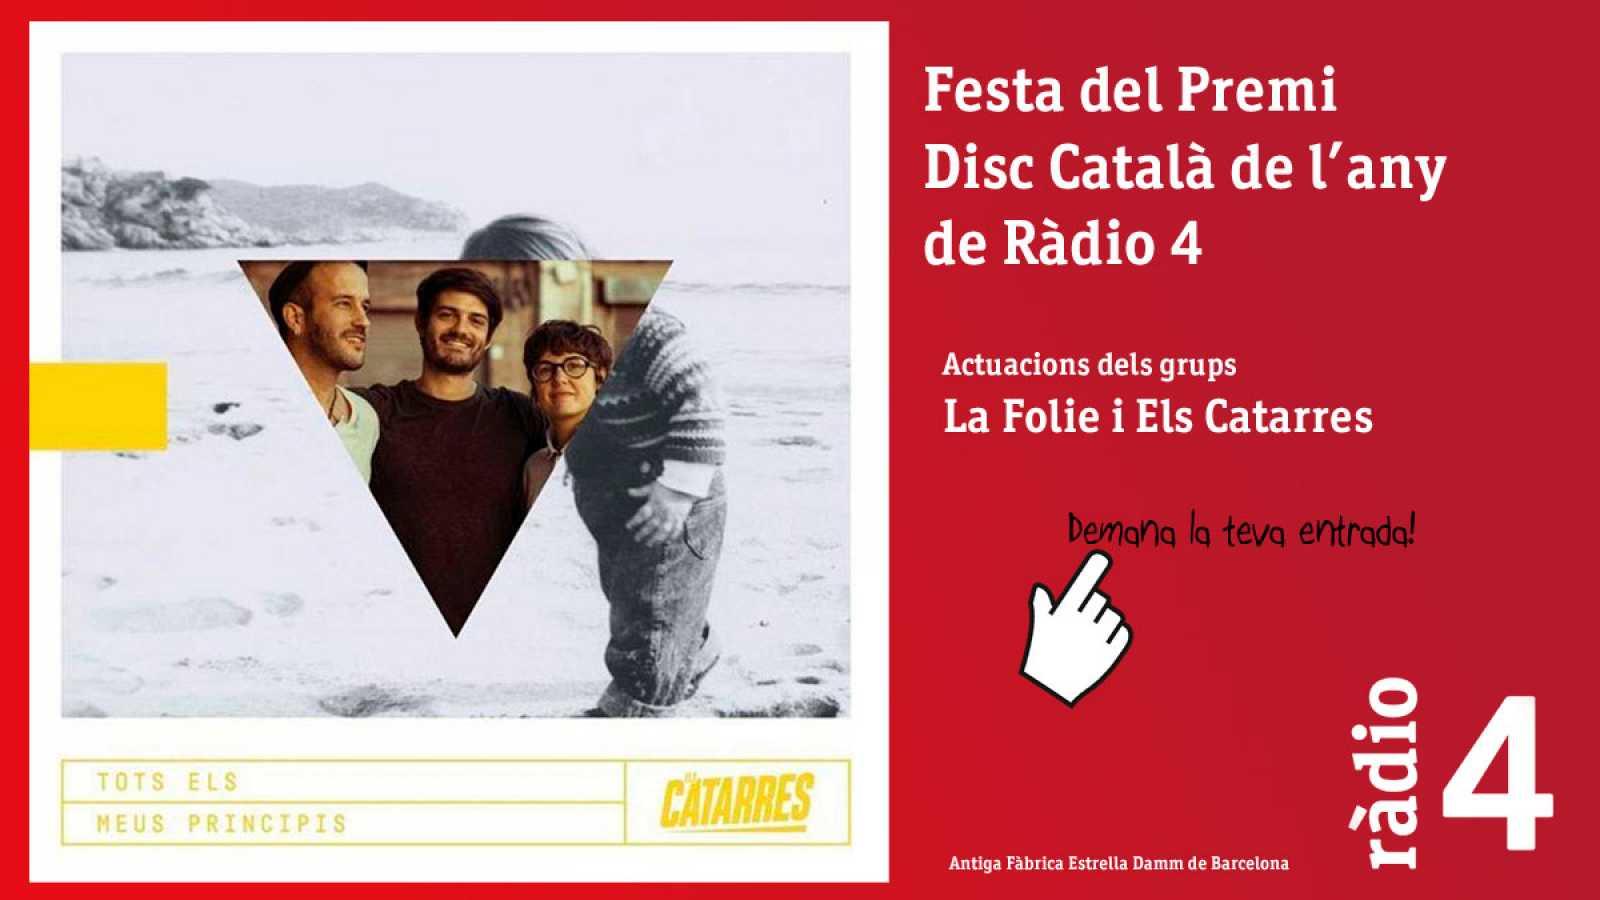 Festa del Premi Disc Català de l'any de Ràdio 4